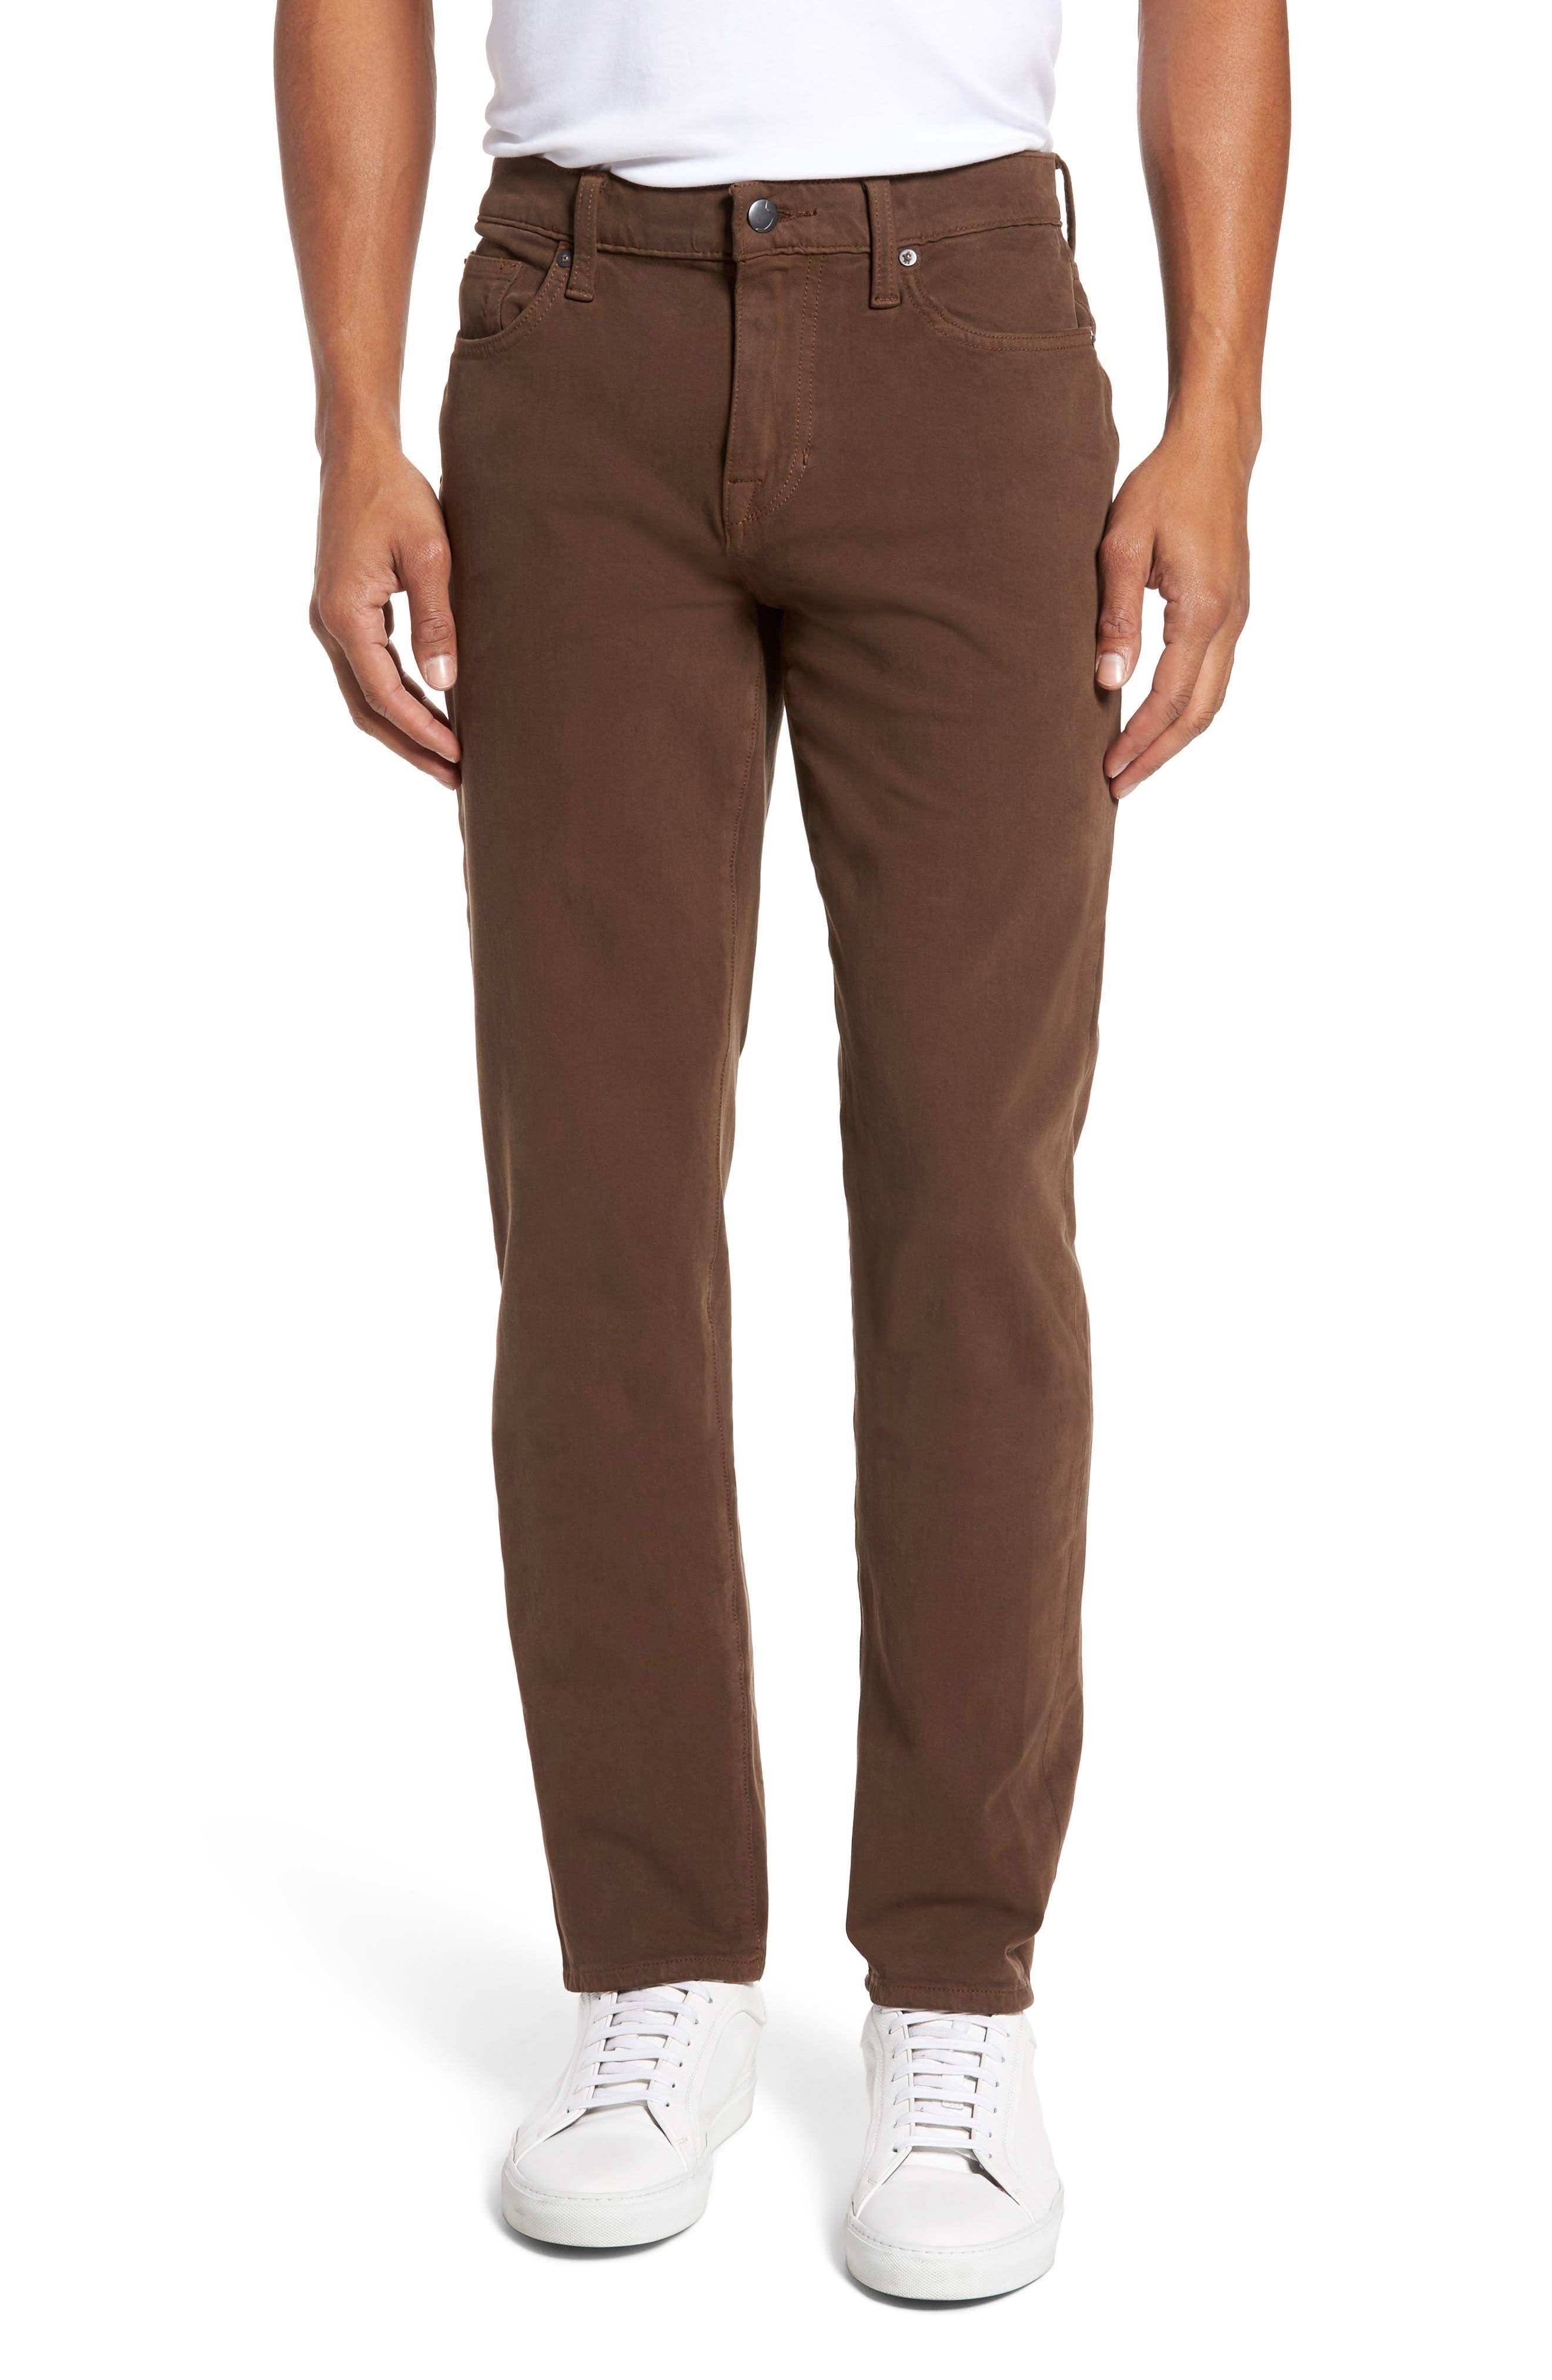 Main Image - Joe's Brixton Slim Straight Fit Jeans (Dark Walnut)